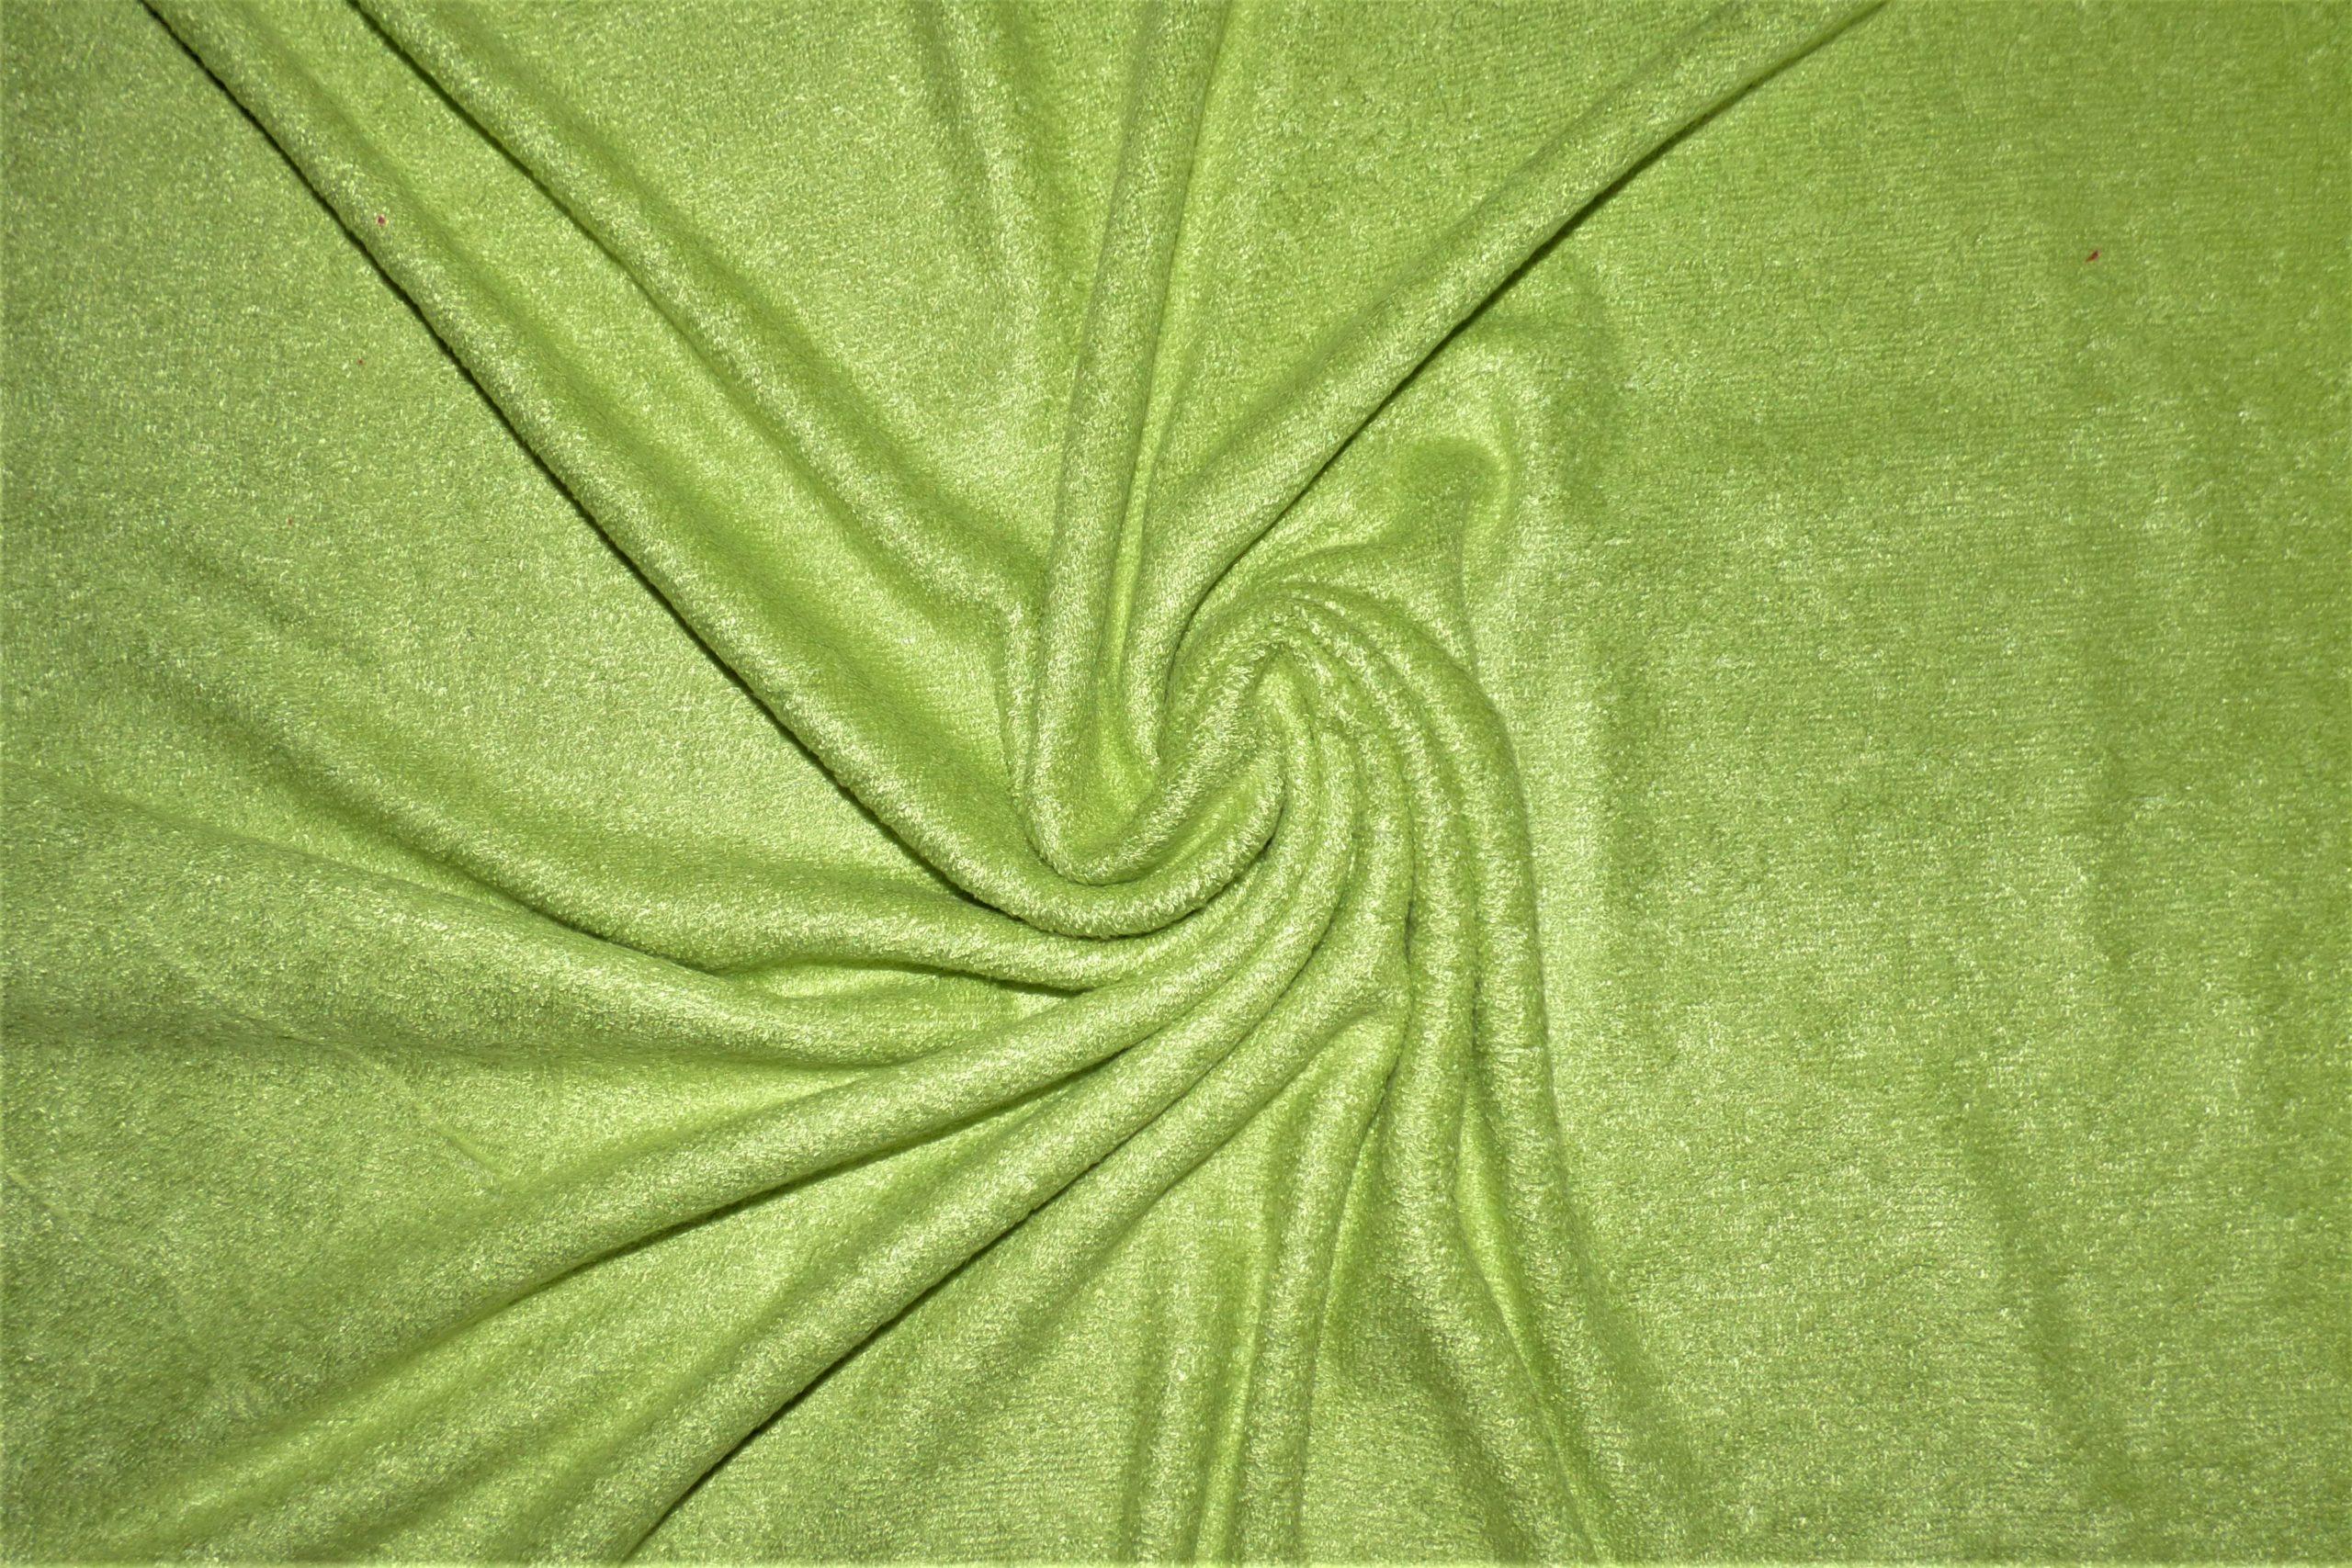 eponge de bambou vert 3